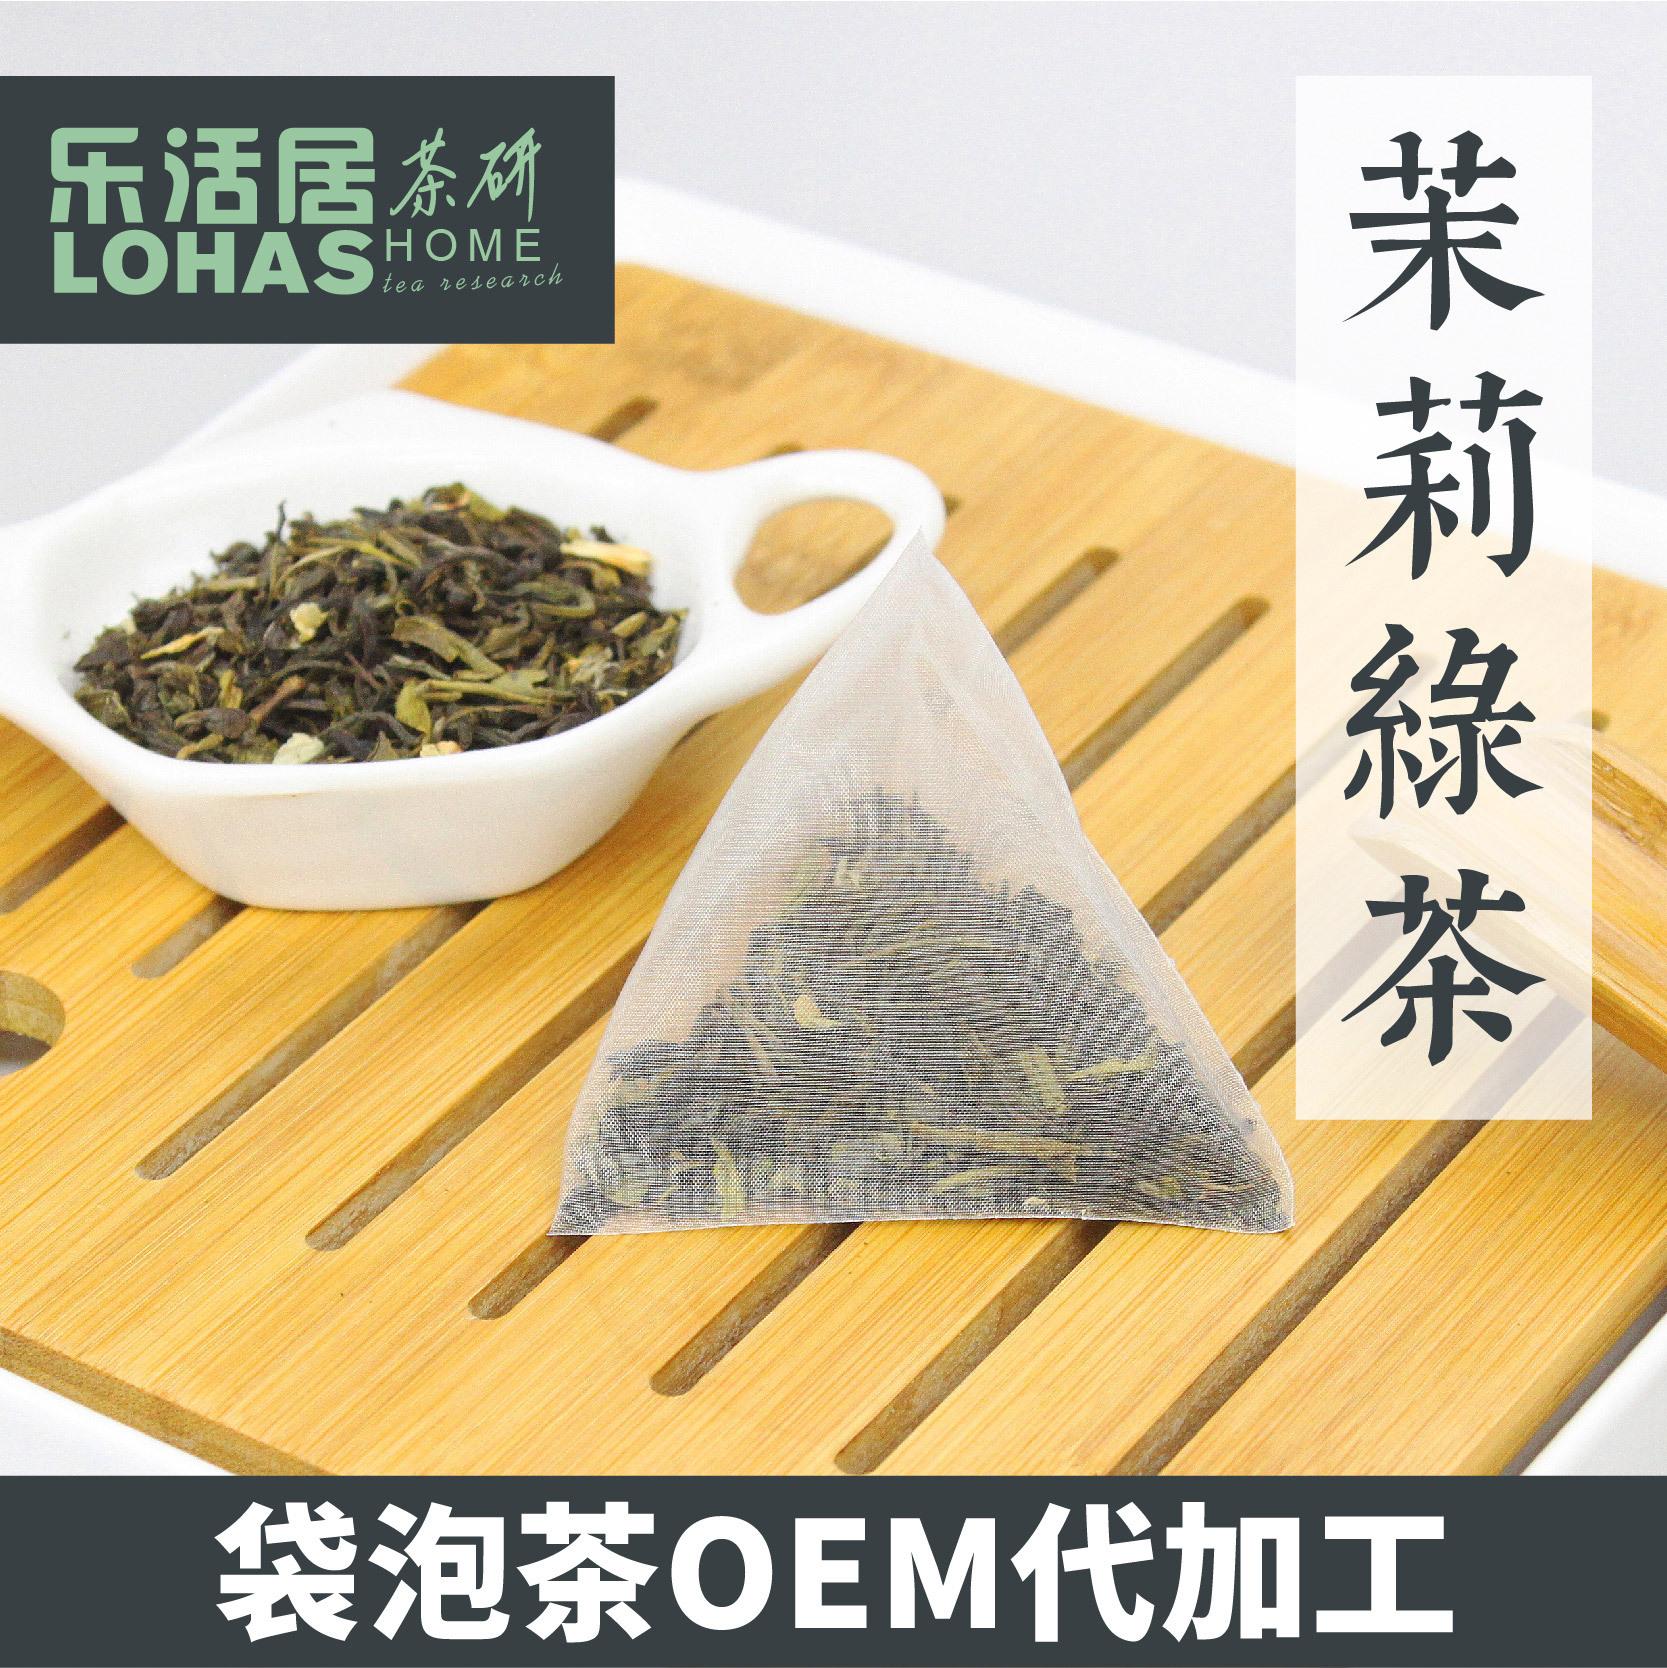 厂家大量奶茶茶叶茉莉绿茶奶茶店餐饮茶原料专供口味散装500g批发